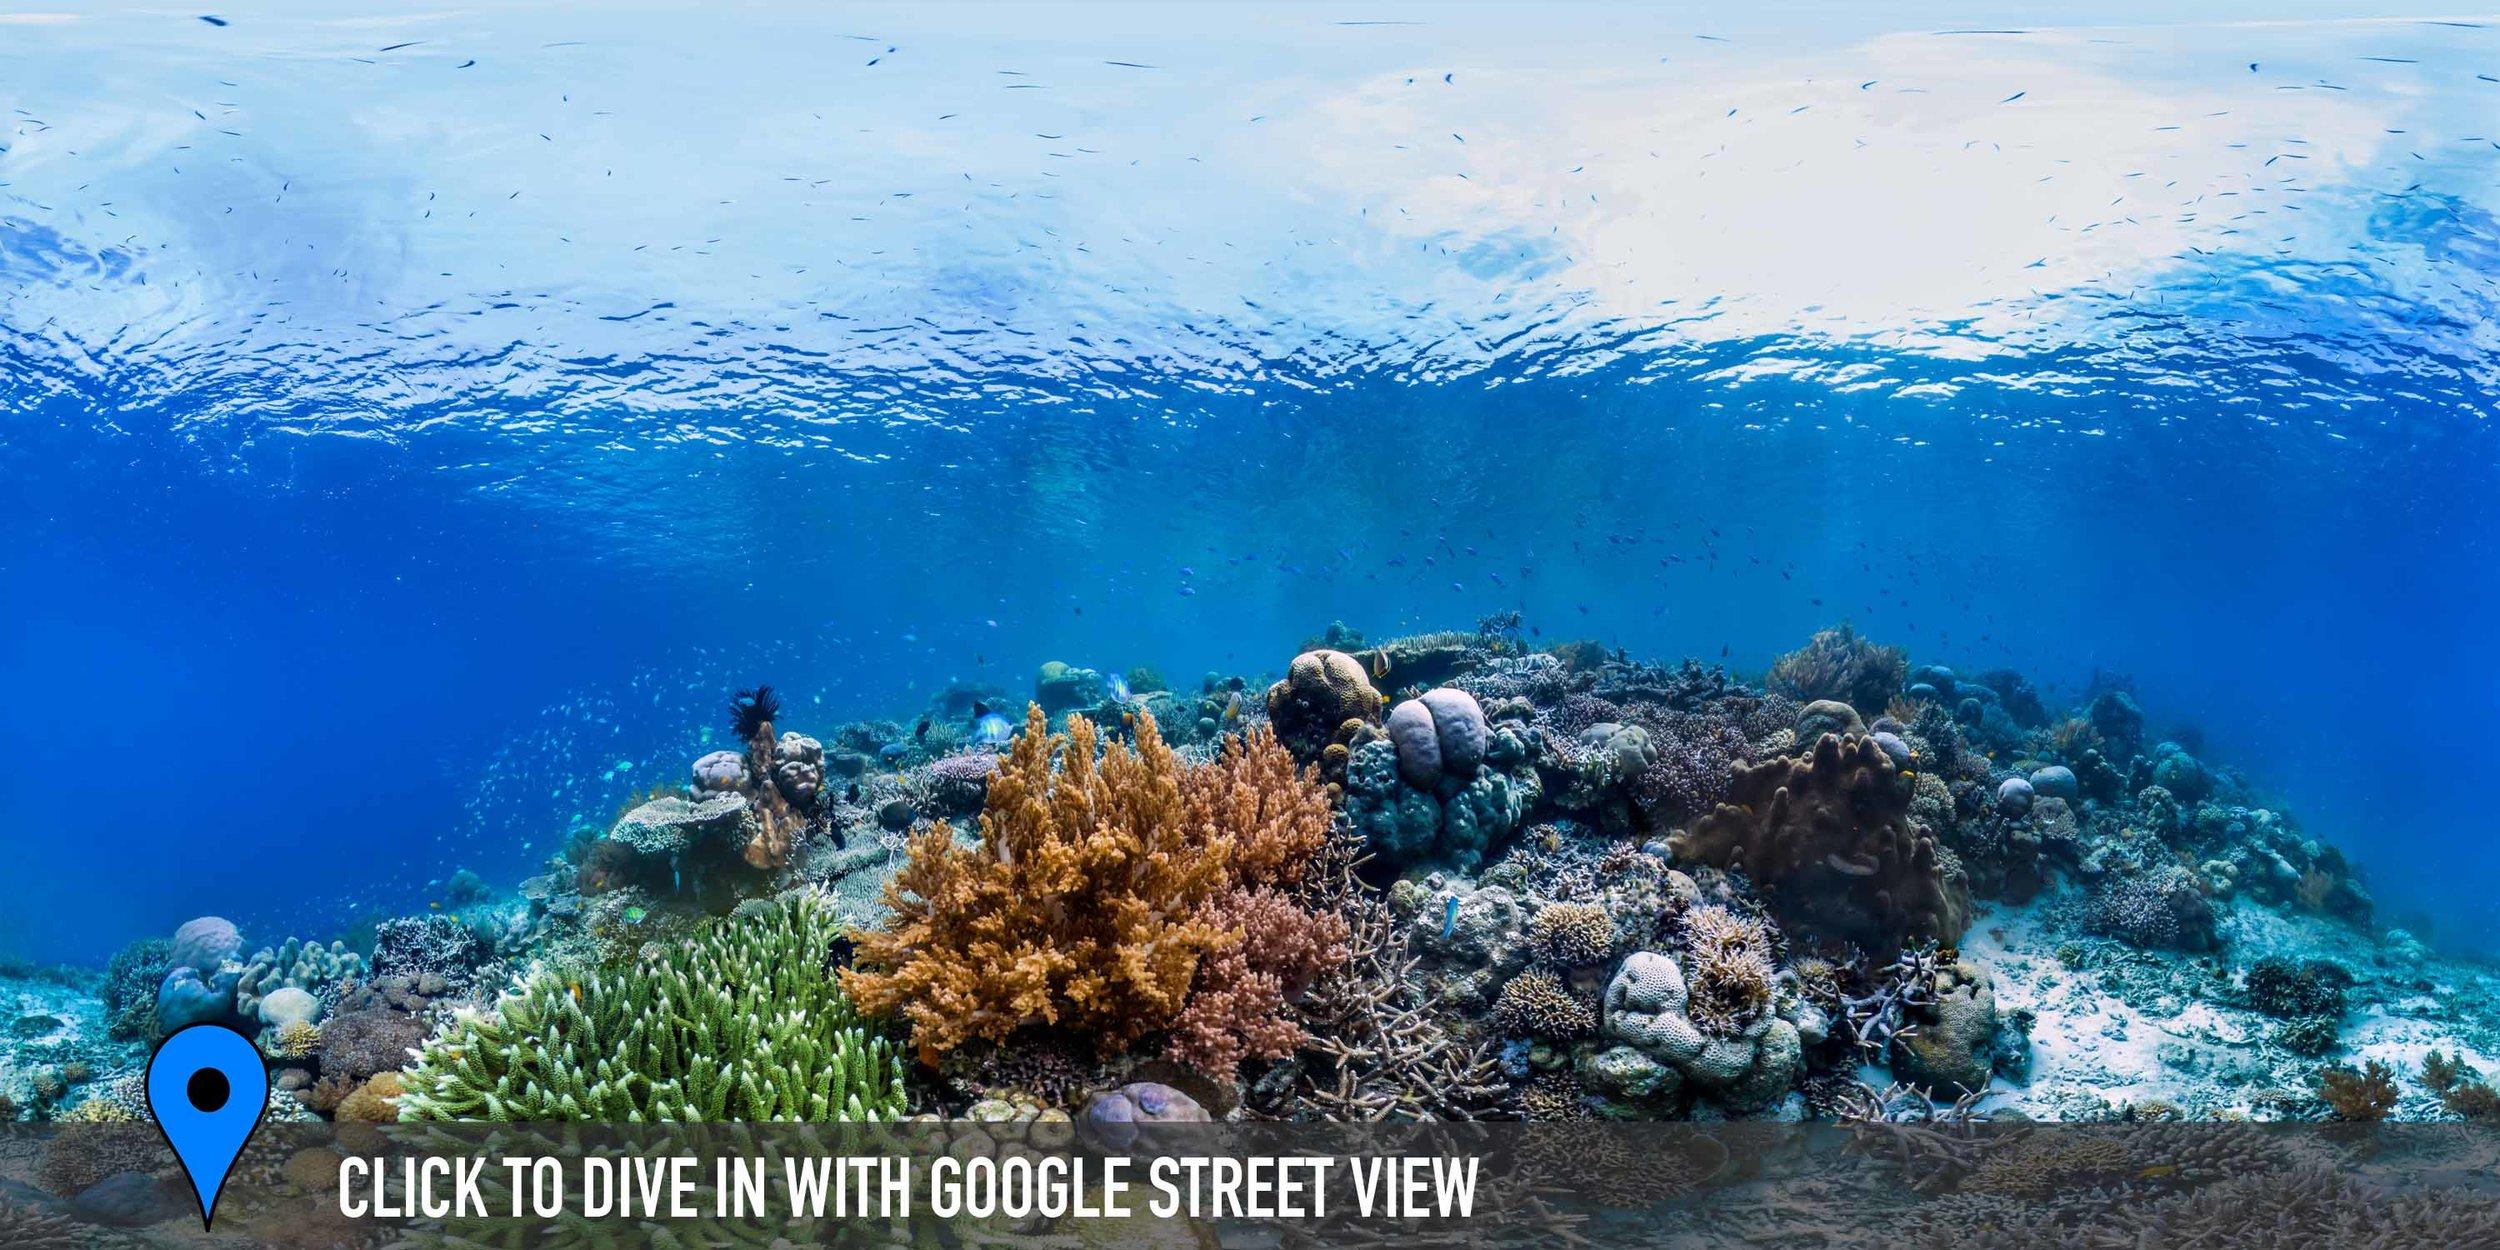 KEURO, RAJA AMPAT, INDONESIA CREDIT: THE OCEAN AGENCY / XL CATLIN SEAVIEW SURVEY